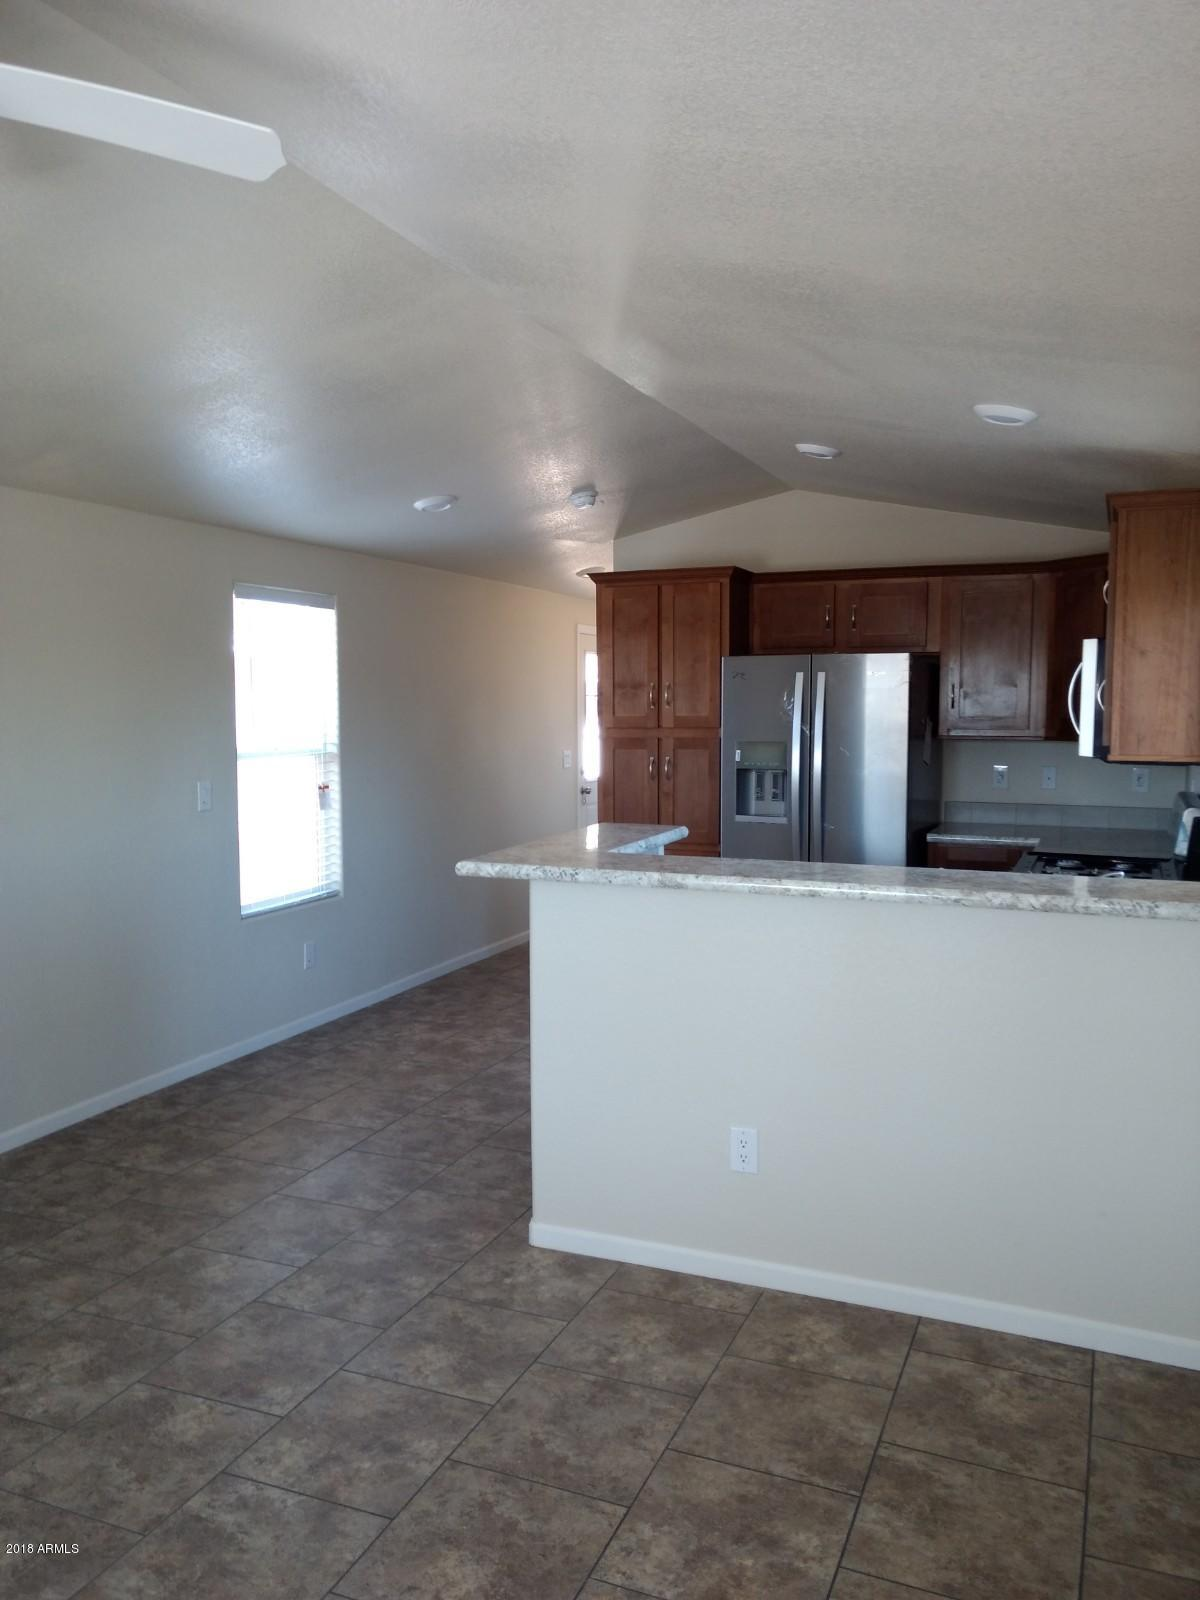 MLS 5854264 530 S Alma School Road Unit 100, Mesa, AZ 85210 Mesa AZ Affordable